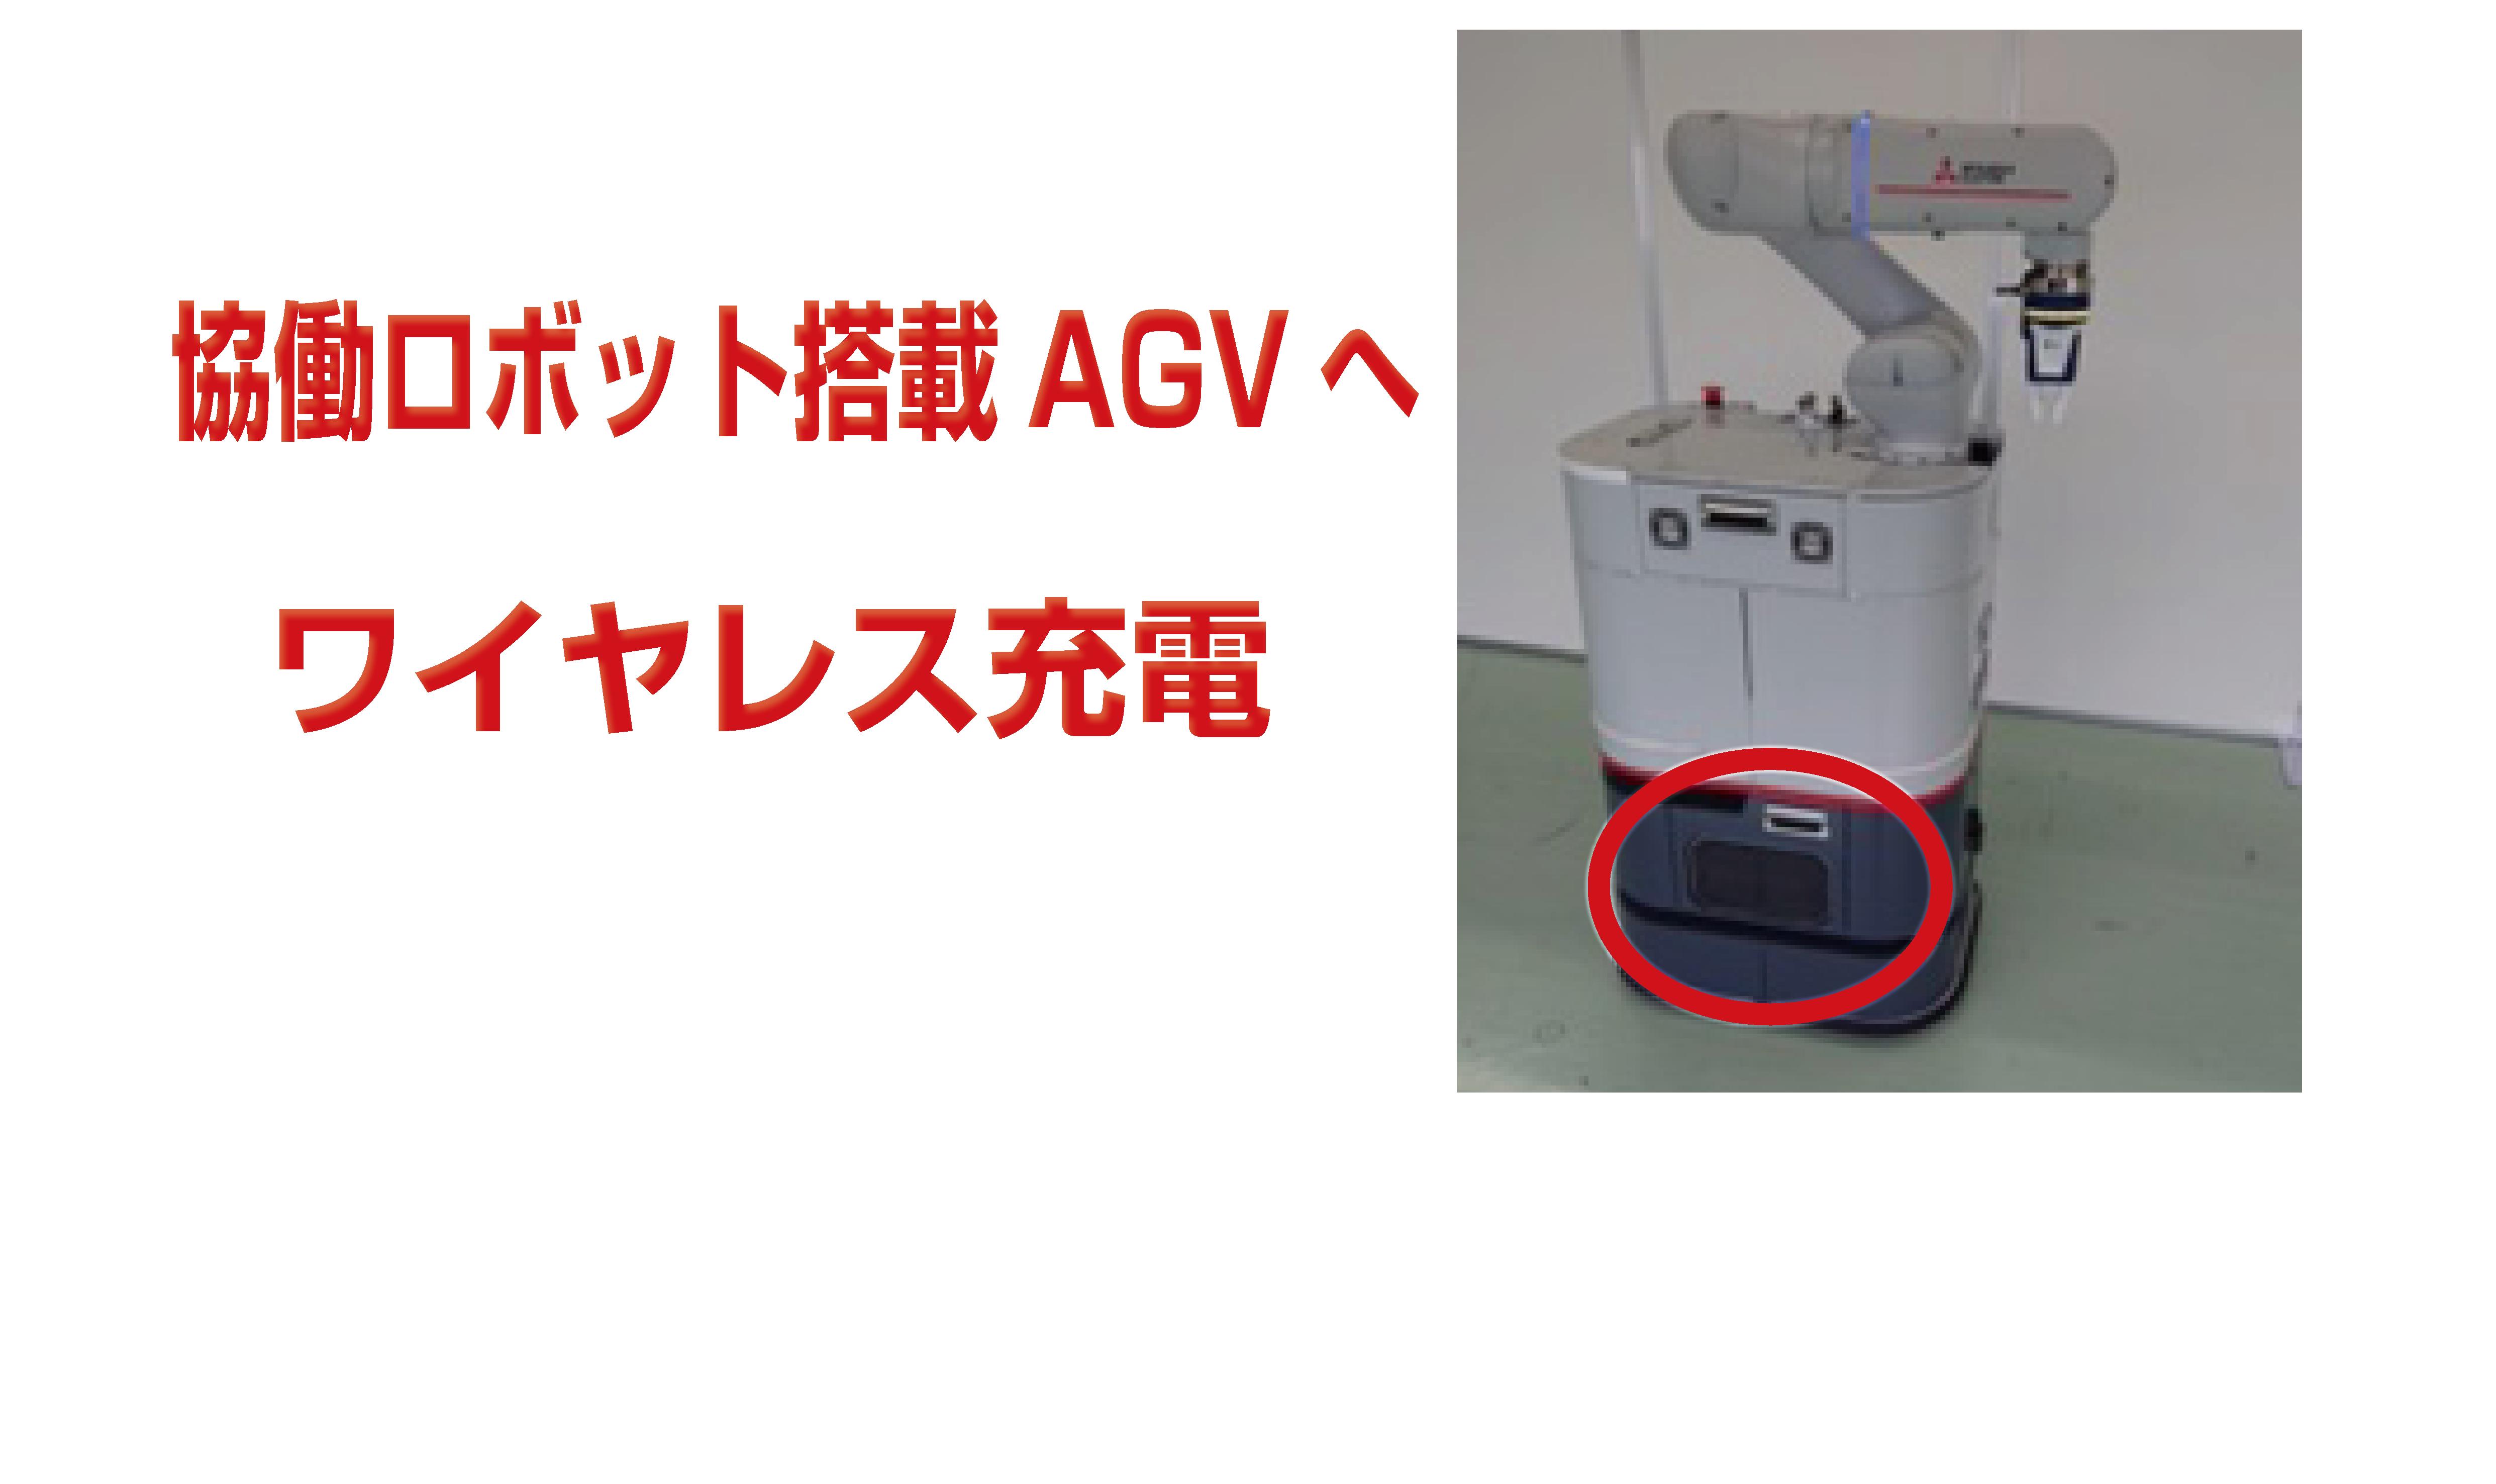 【導入事例】田辺工業株式会社様のAGVへ600Wワイヤレス充電システムが採用されました!